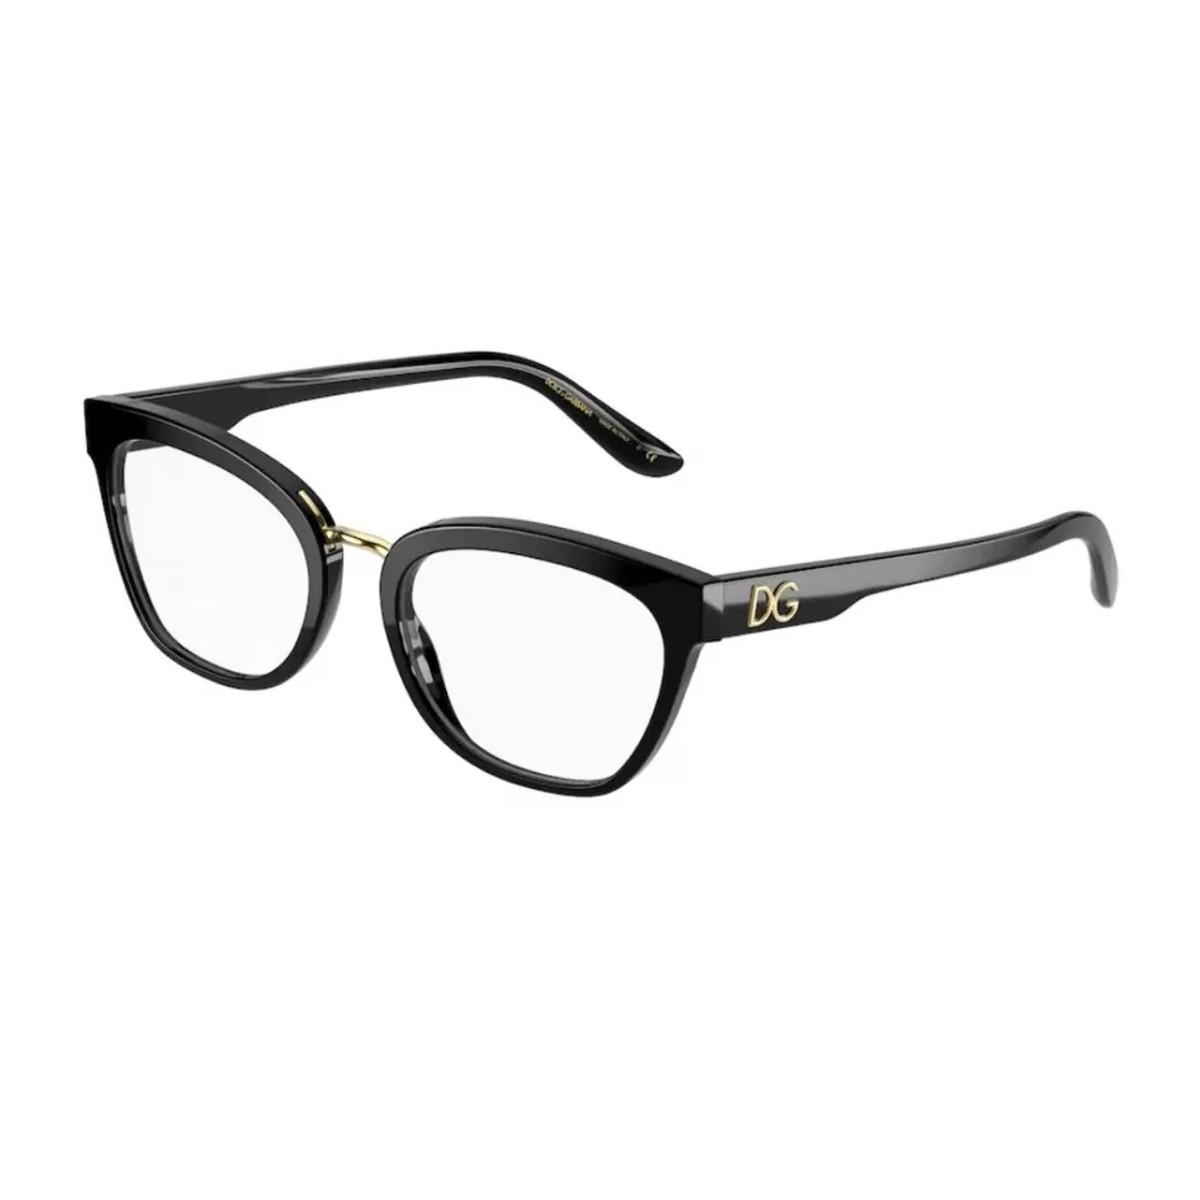 Dolce & Gabbana DG3335 | Women's eyeglasses